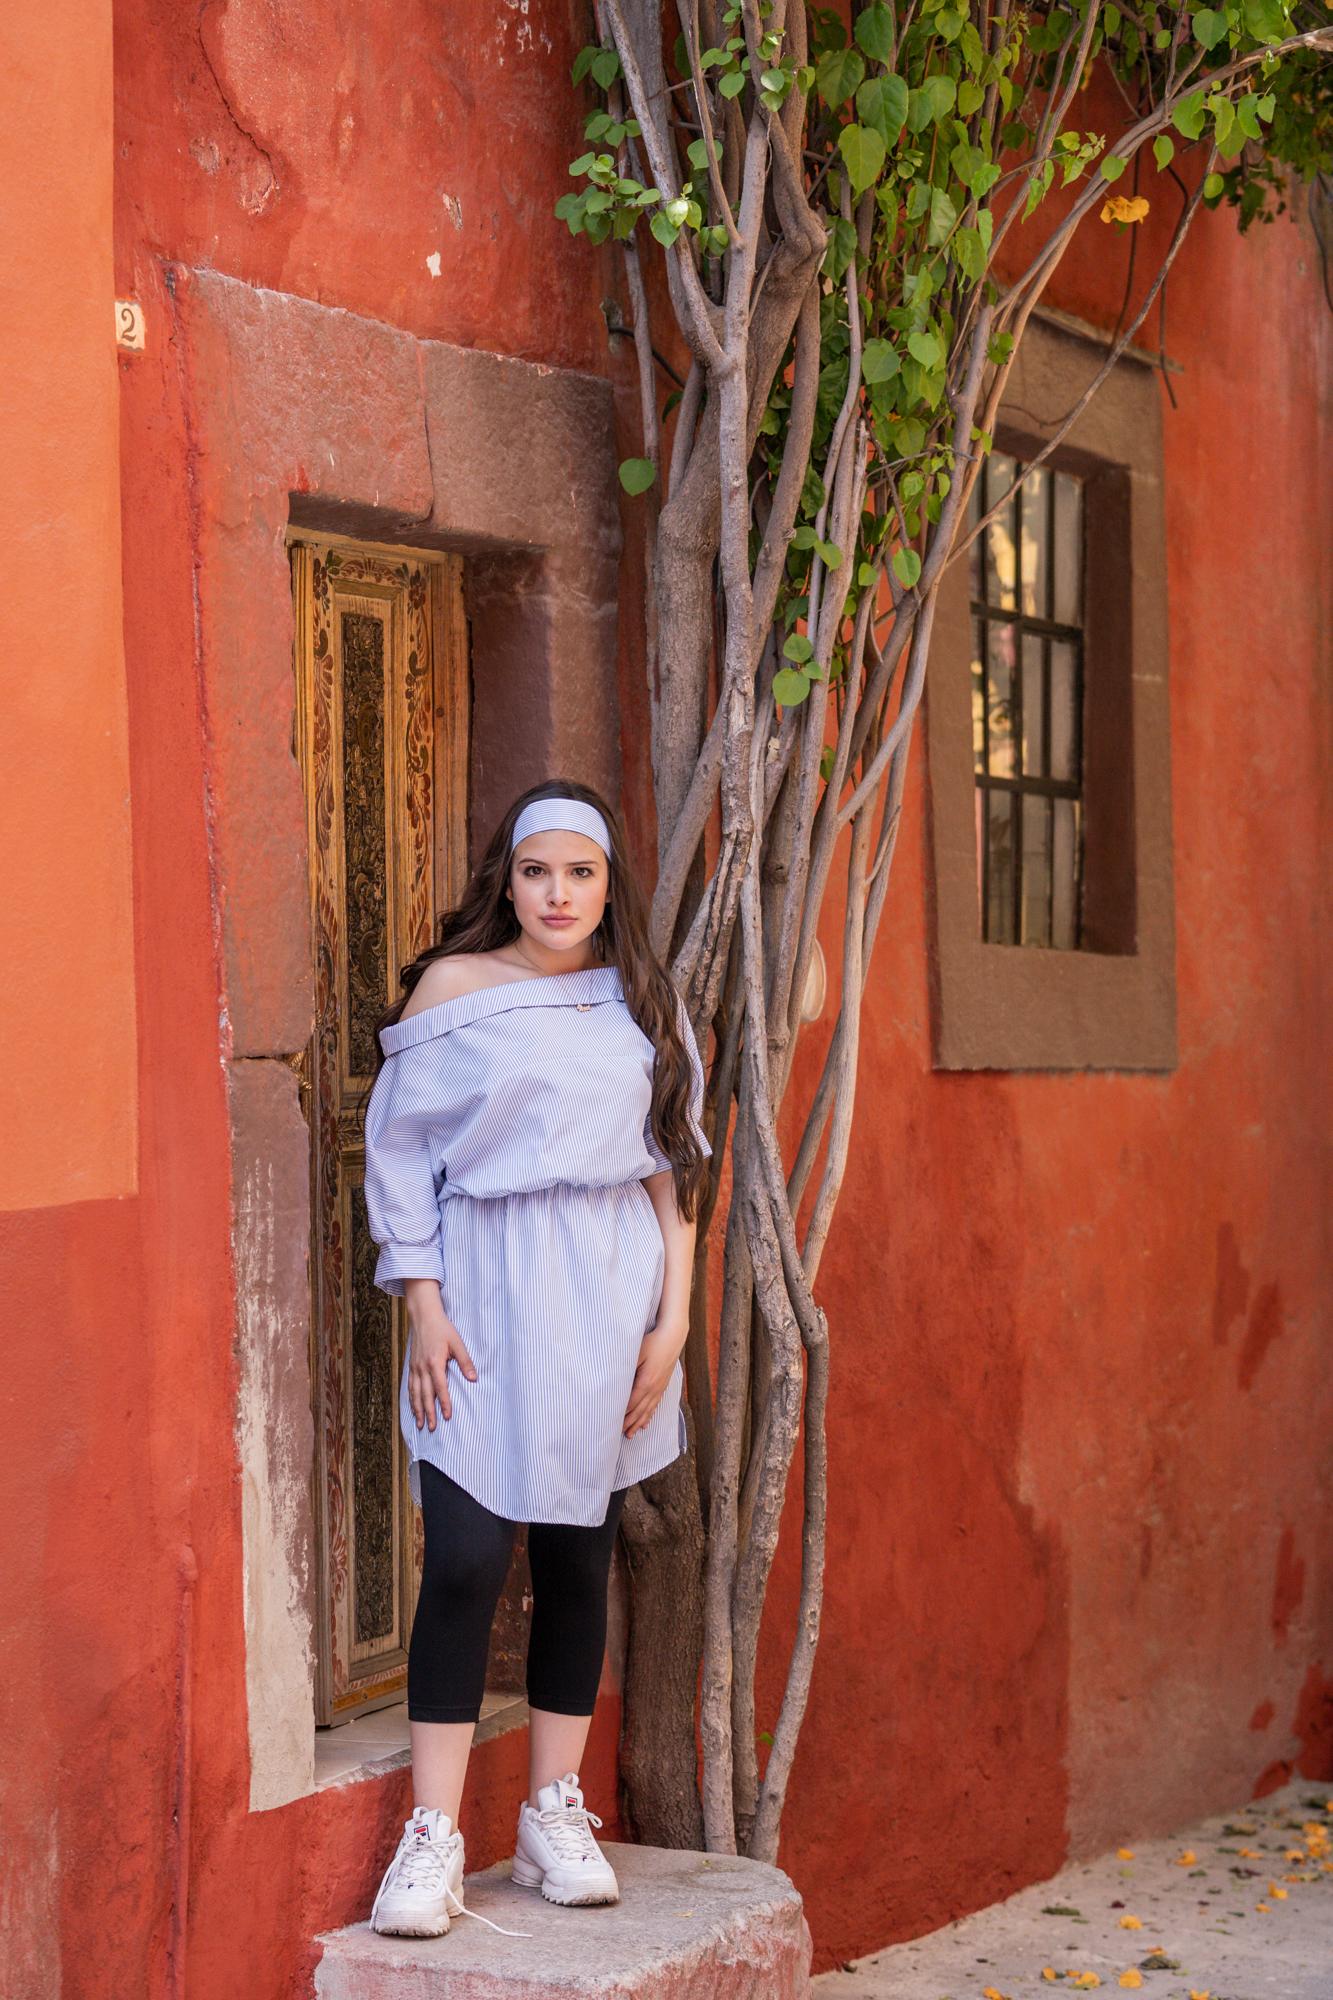 Sesion de Fotos en San Miguel de Allende con Rogelio y su Fmailia-44.jpg